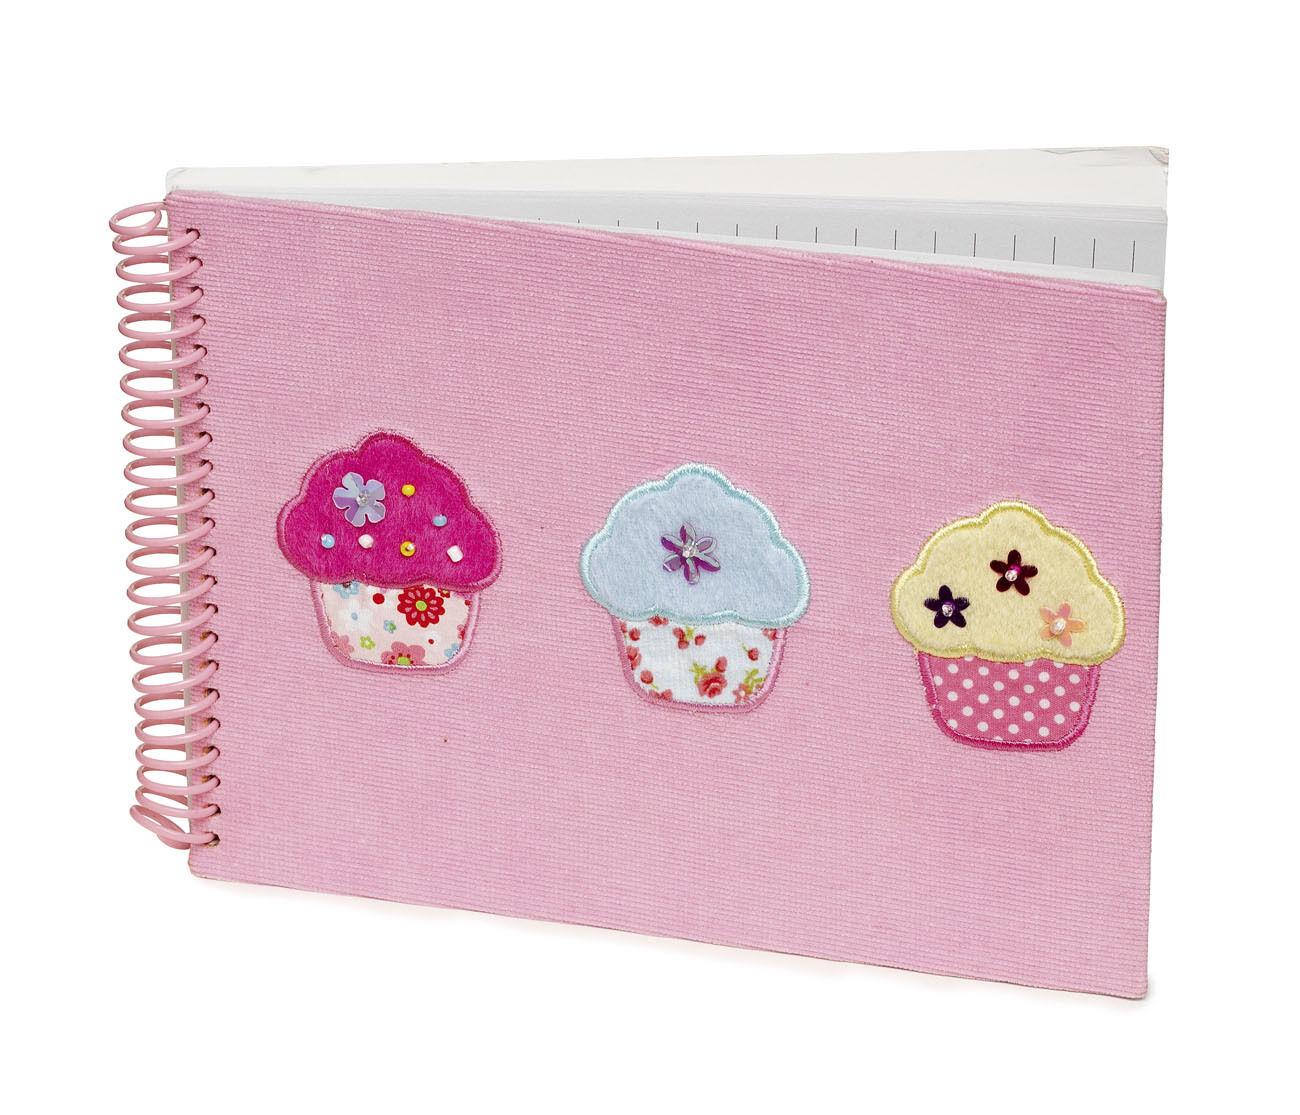 25 X Restposten Mädchen Rosa Cupcake Notiz Bücher Geschenk Party-Tasche NB-8101 | Outlet Store  | Flagship-Store